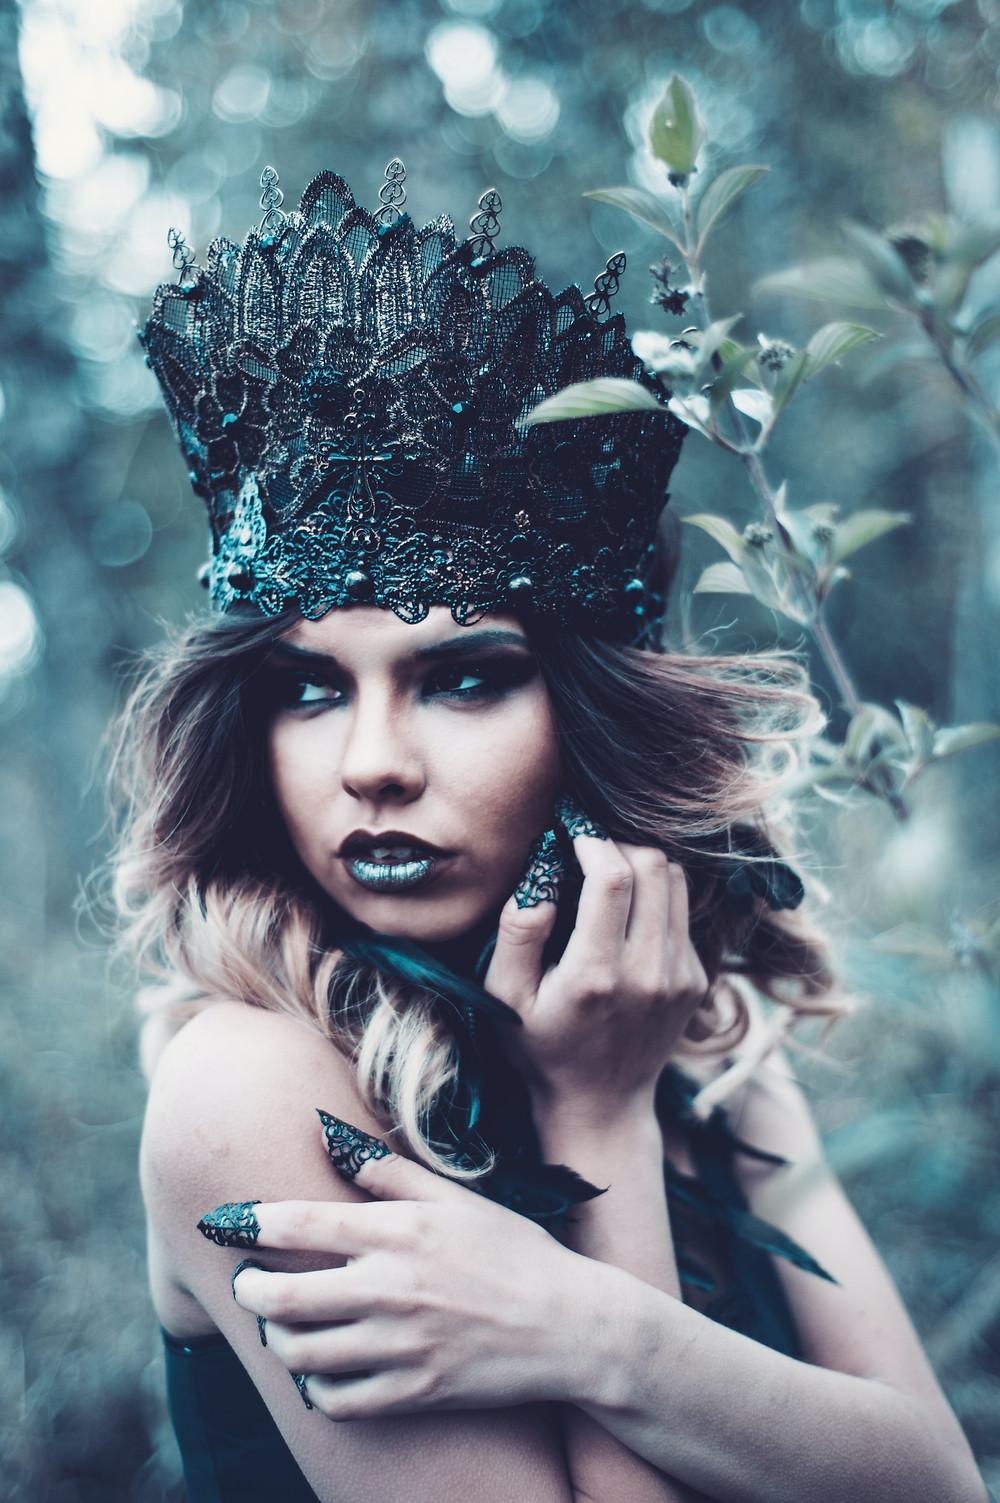 Dark Fantasy Prompt - Black Witch